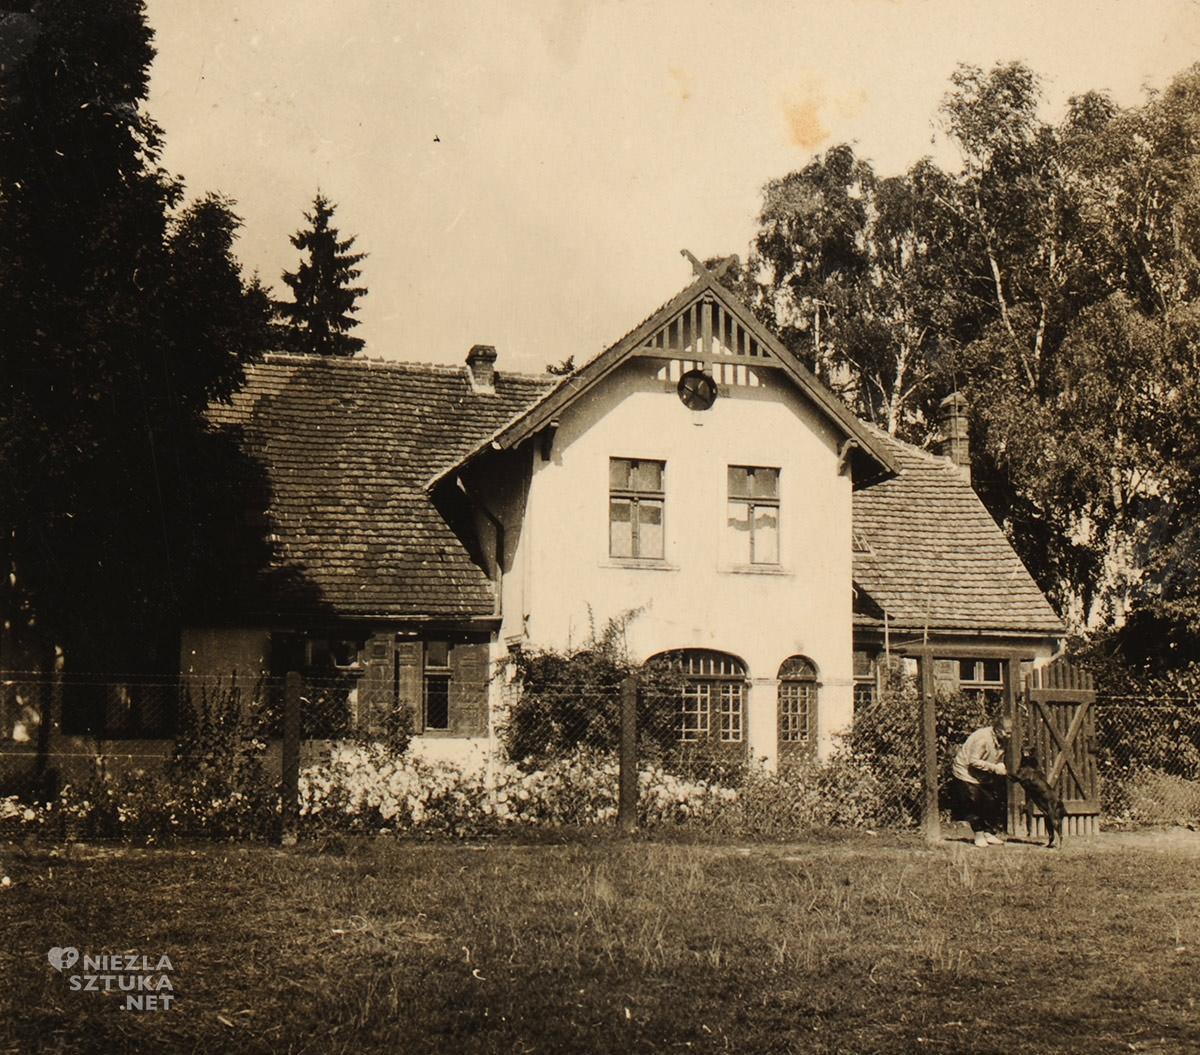 Dworek w Gościeradzu, Leon Wyczółkowski, Muzeum Okręgowe im. L. Wyczółkowskiego w Bydgoszczy, Niezła Sztuka